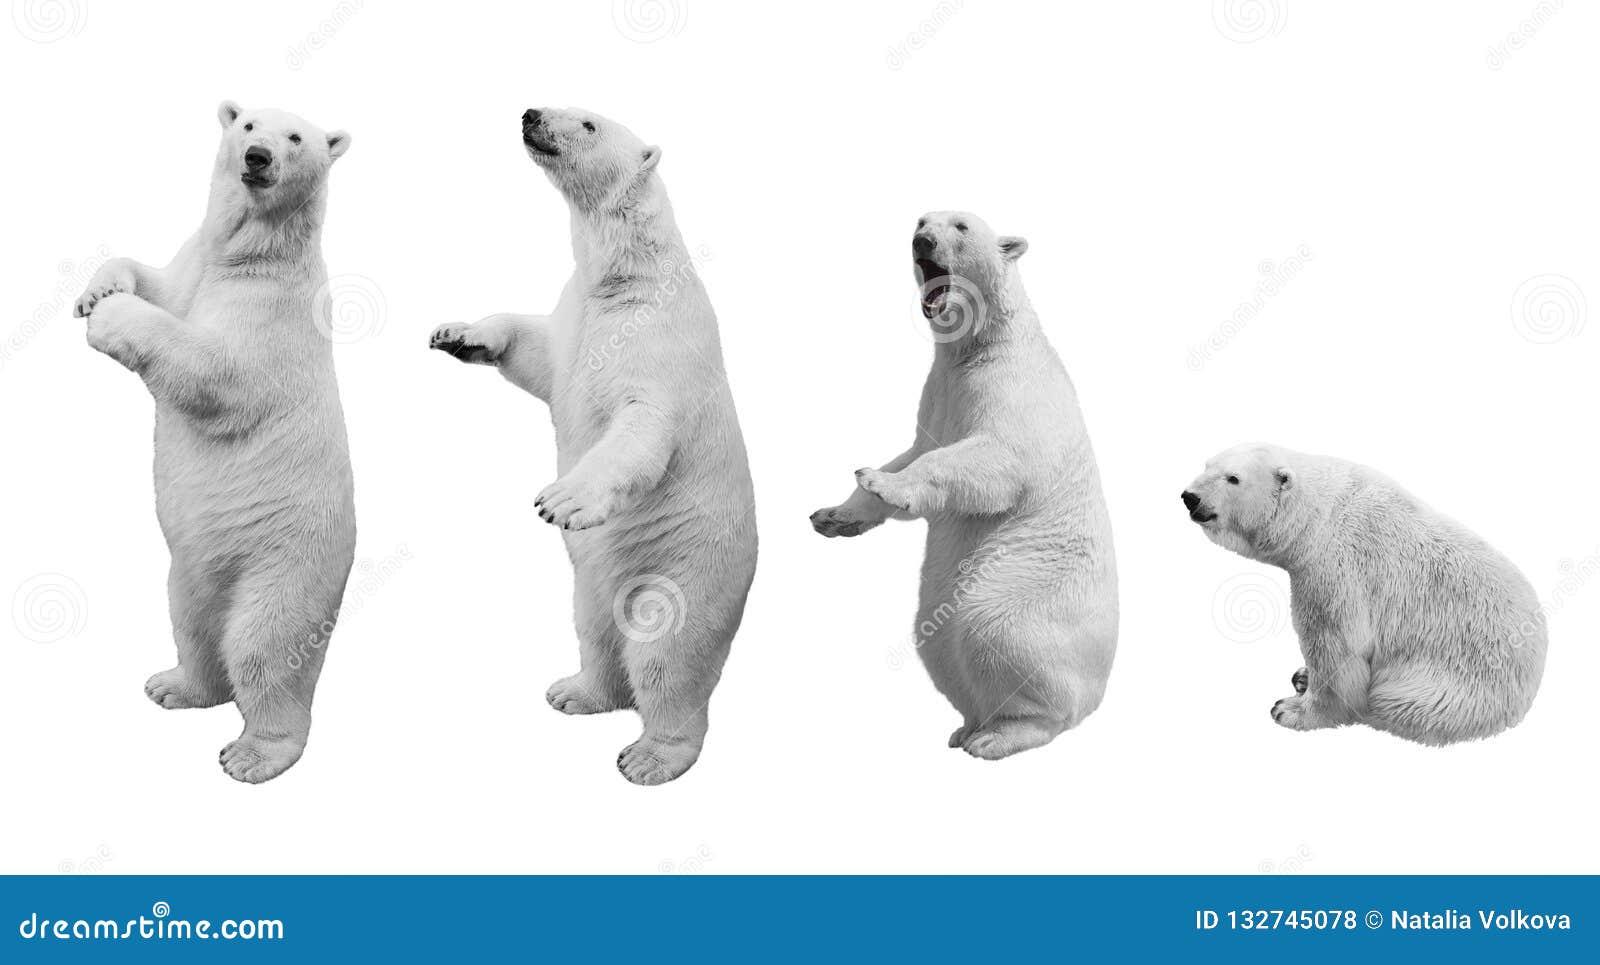 Kolaż niedźwiedź polarny w różnorodnych pozach na białym tle